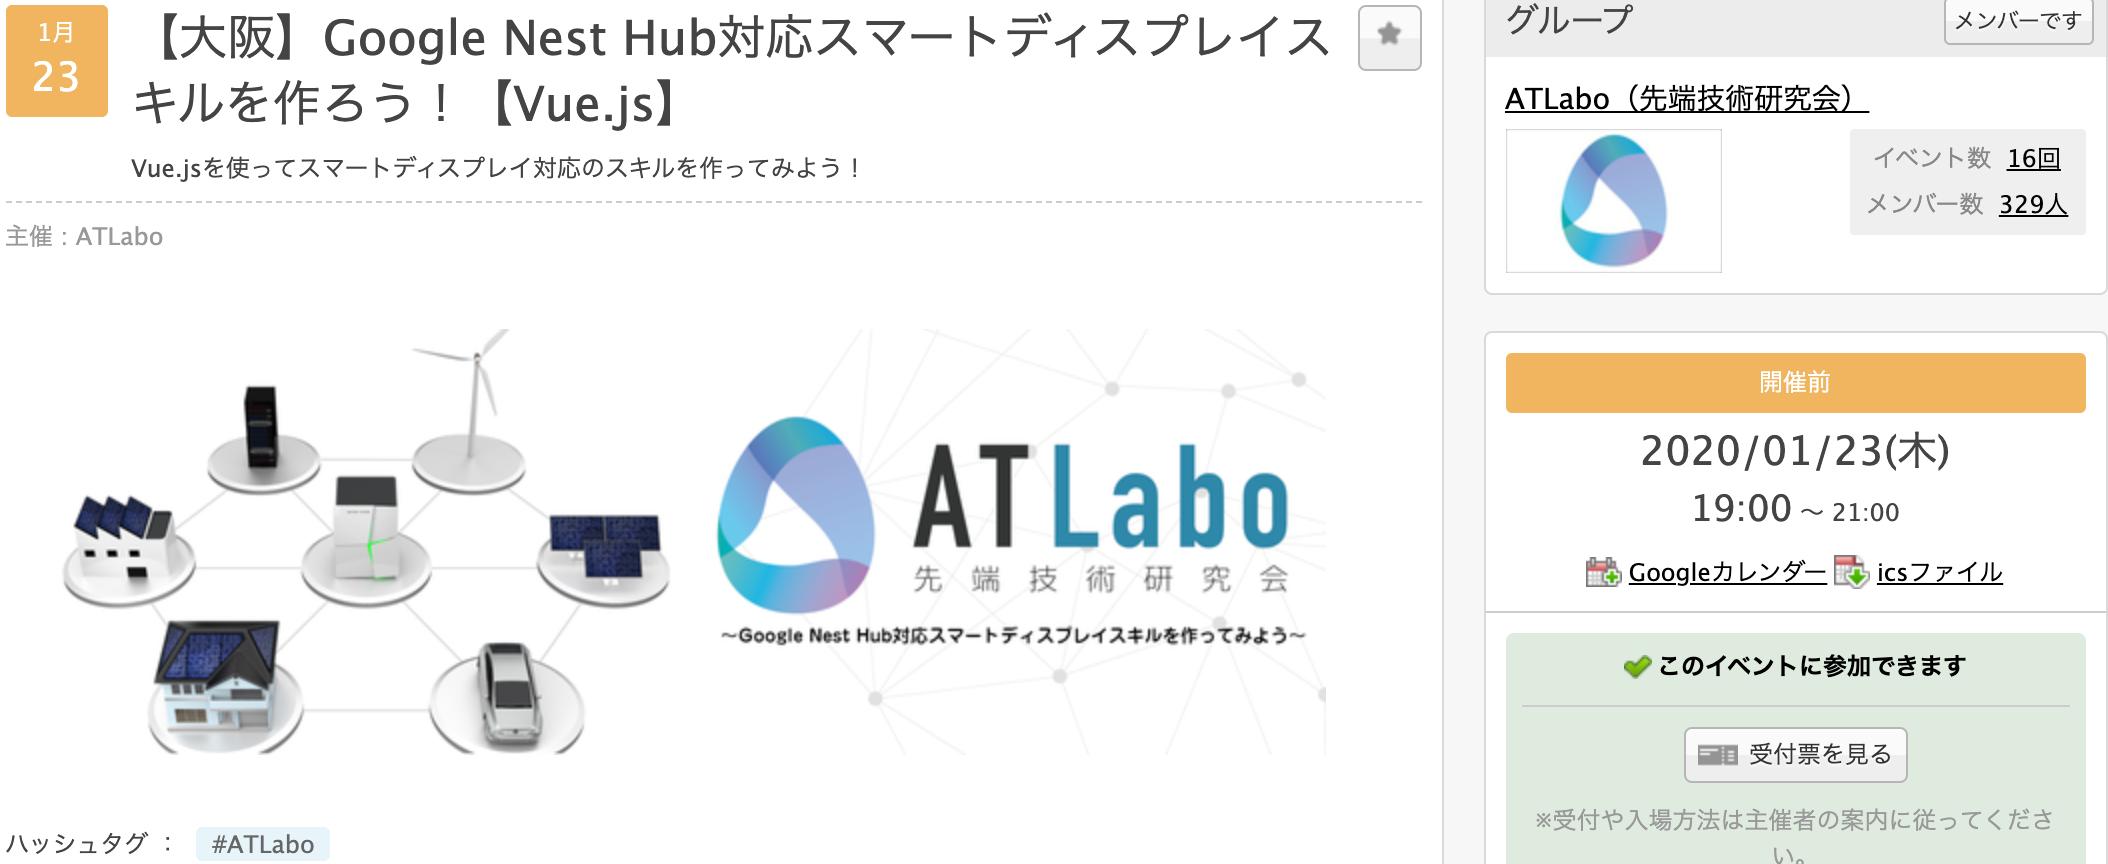 【大阪】Google_Nest_Hub対応スマートディスプレイスキルを作ろう!【Vue_js】_-_connpass.png